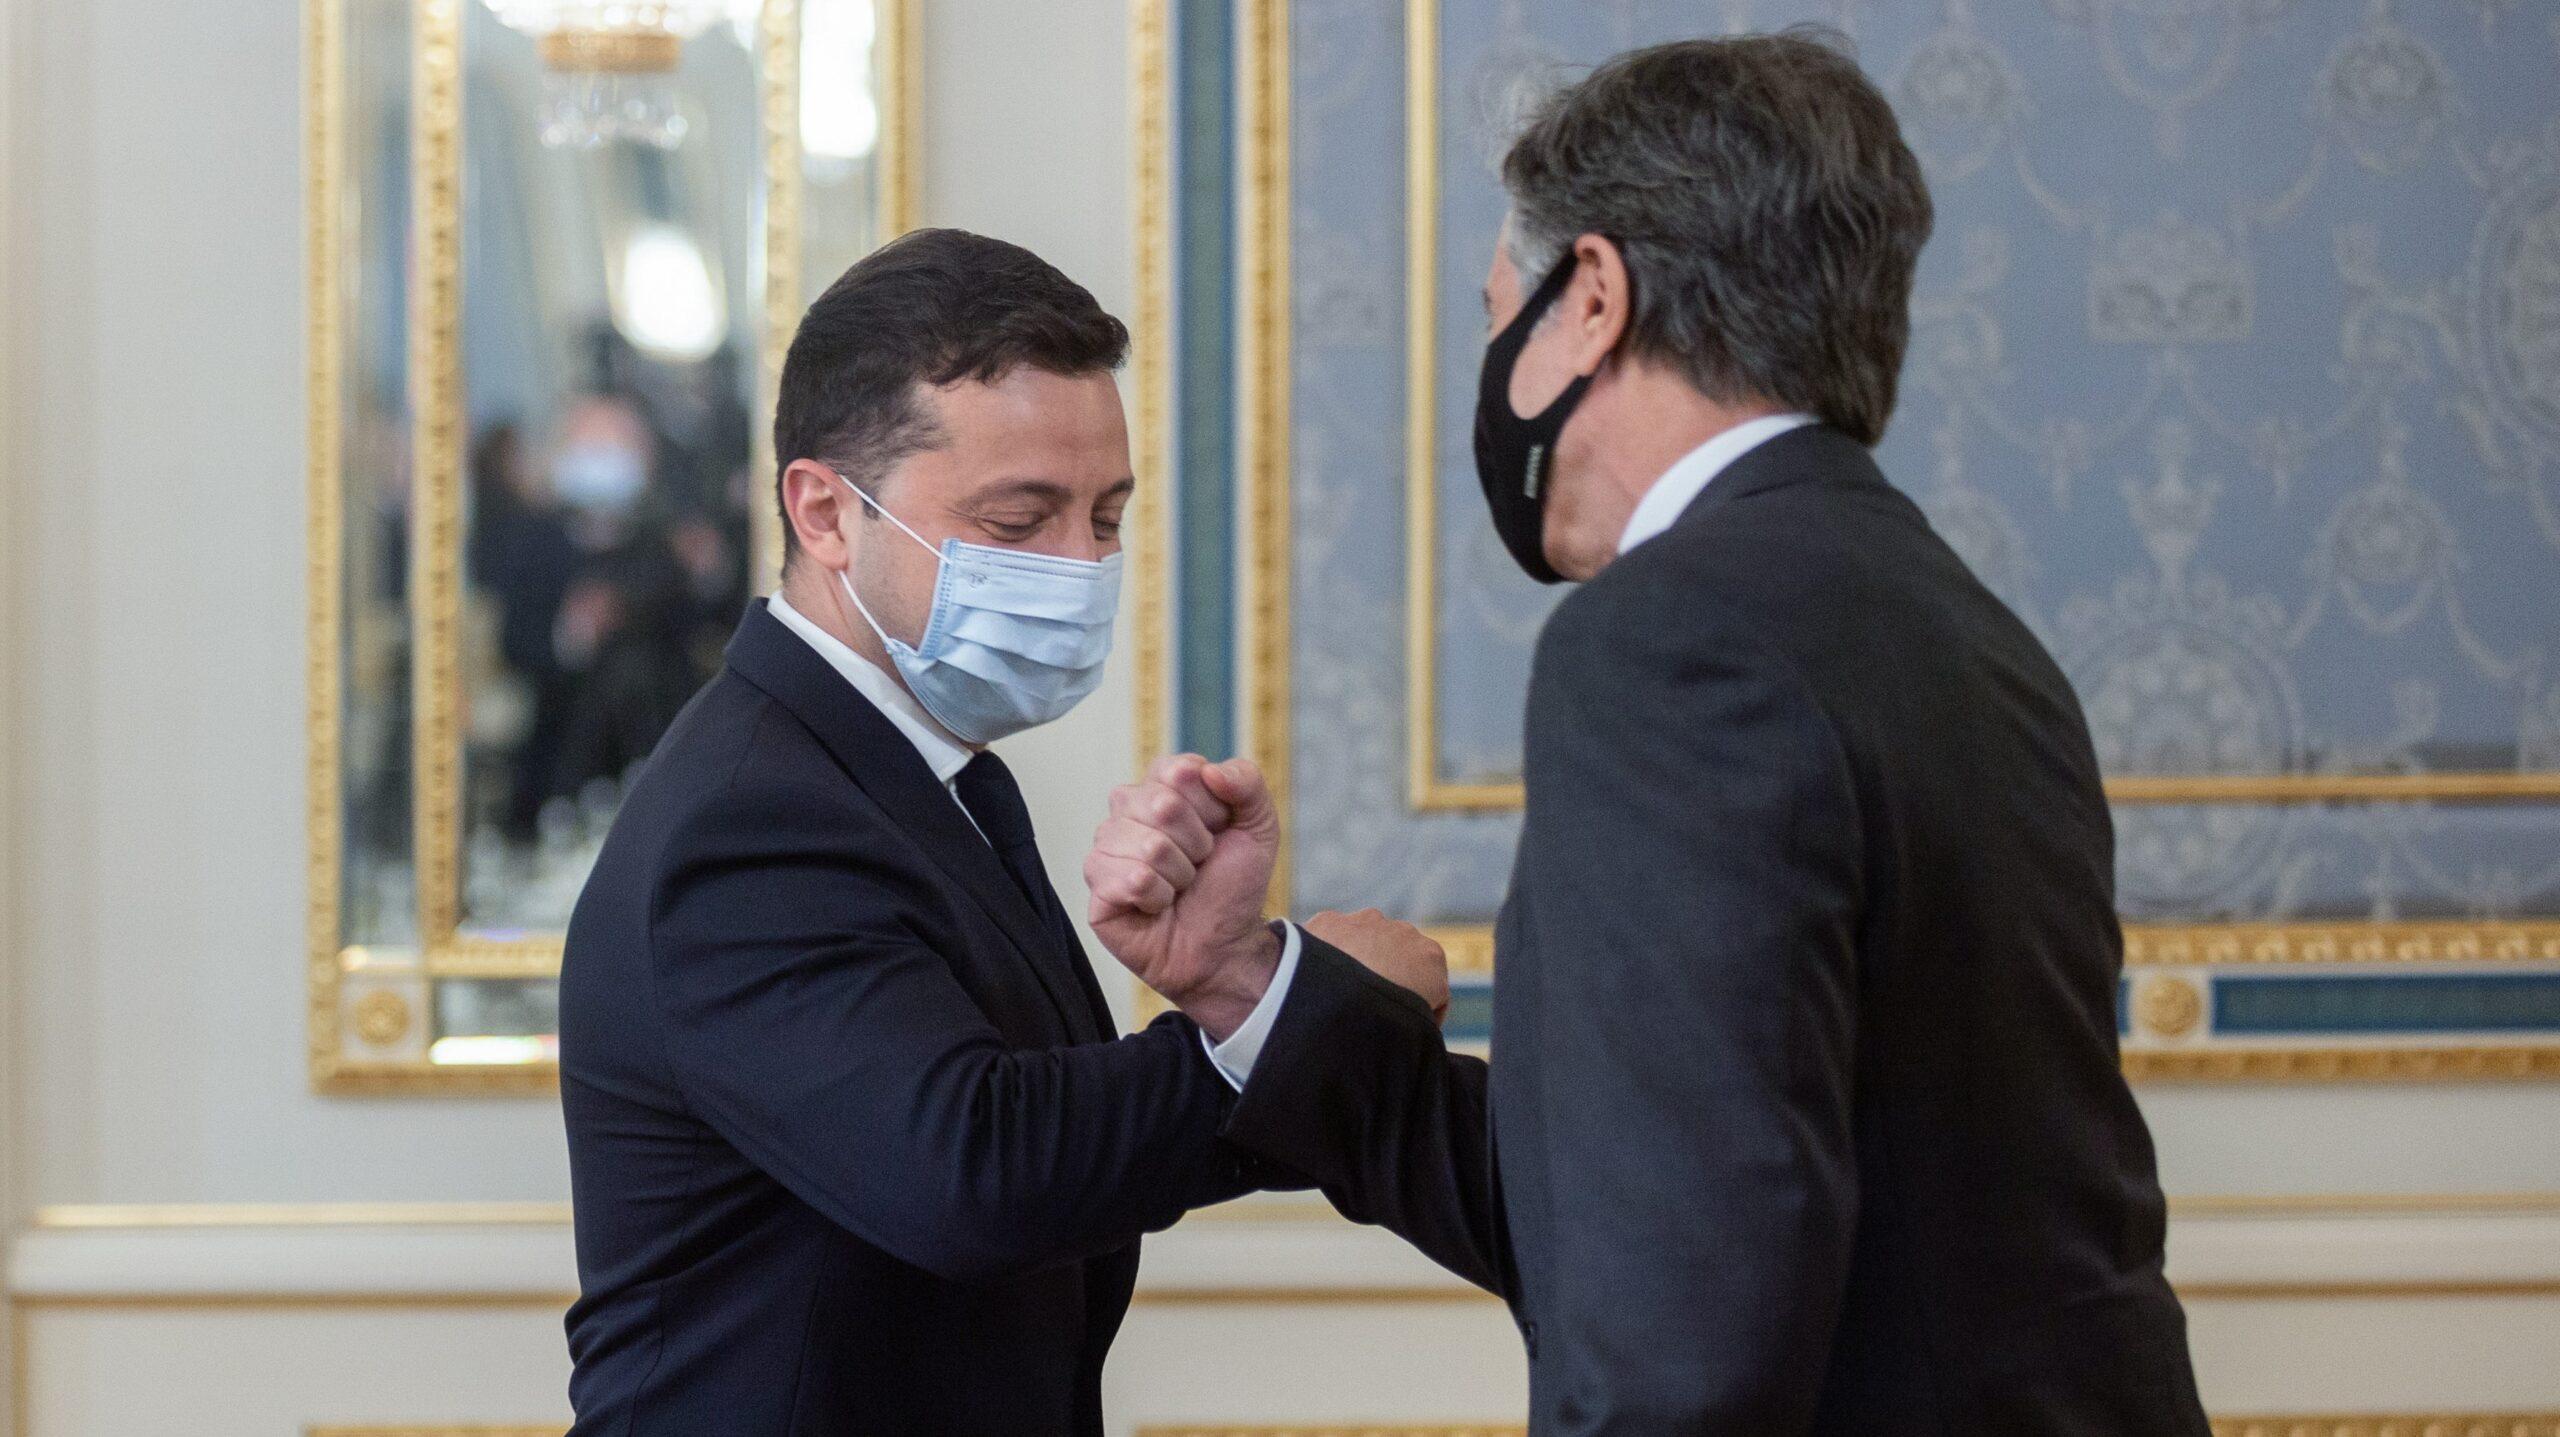 Сигурността на Украйна: Ще получи ли Киев помощ от САЩ и НАТО, разсъждават руски издания